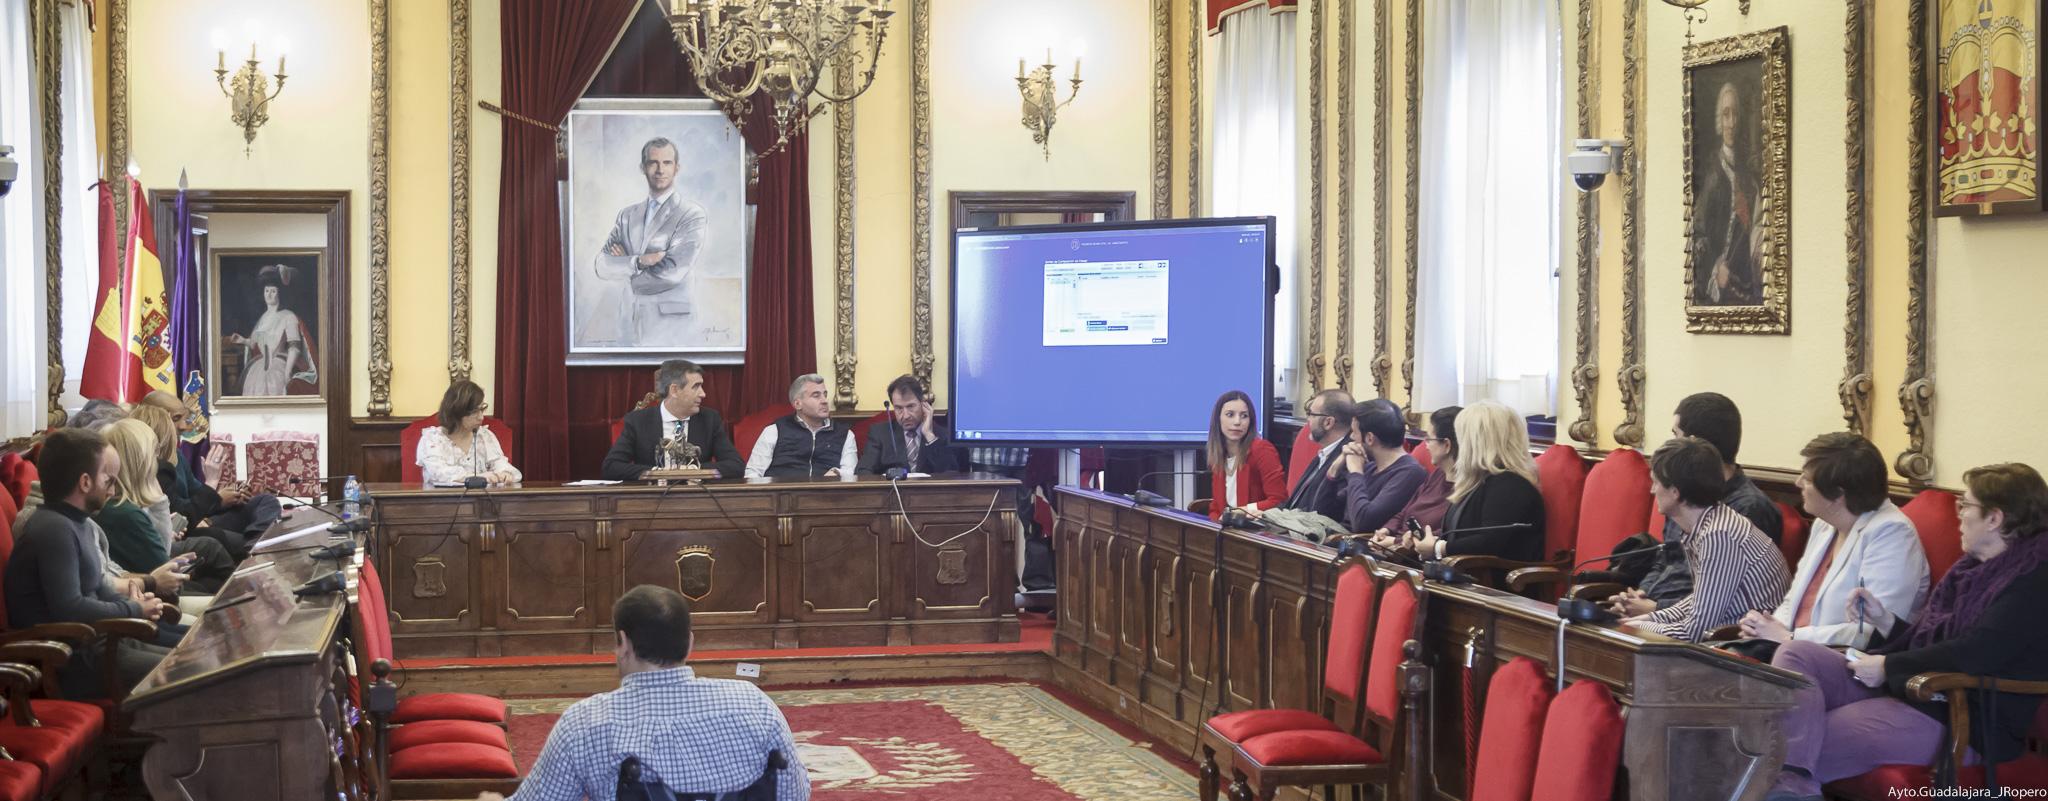 Celebrado en el Ayuntamiento el sorteo para la designación de los miembros de las mesas electorales para  las Elecciones Generales del próximo 28 de abril